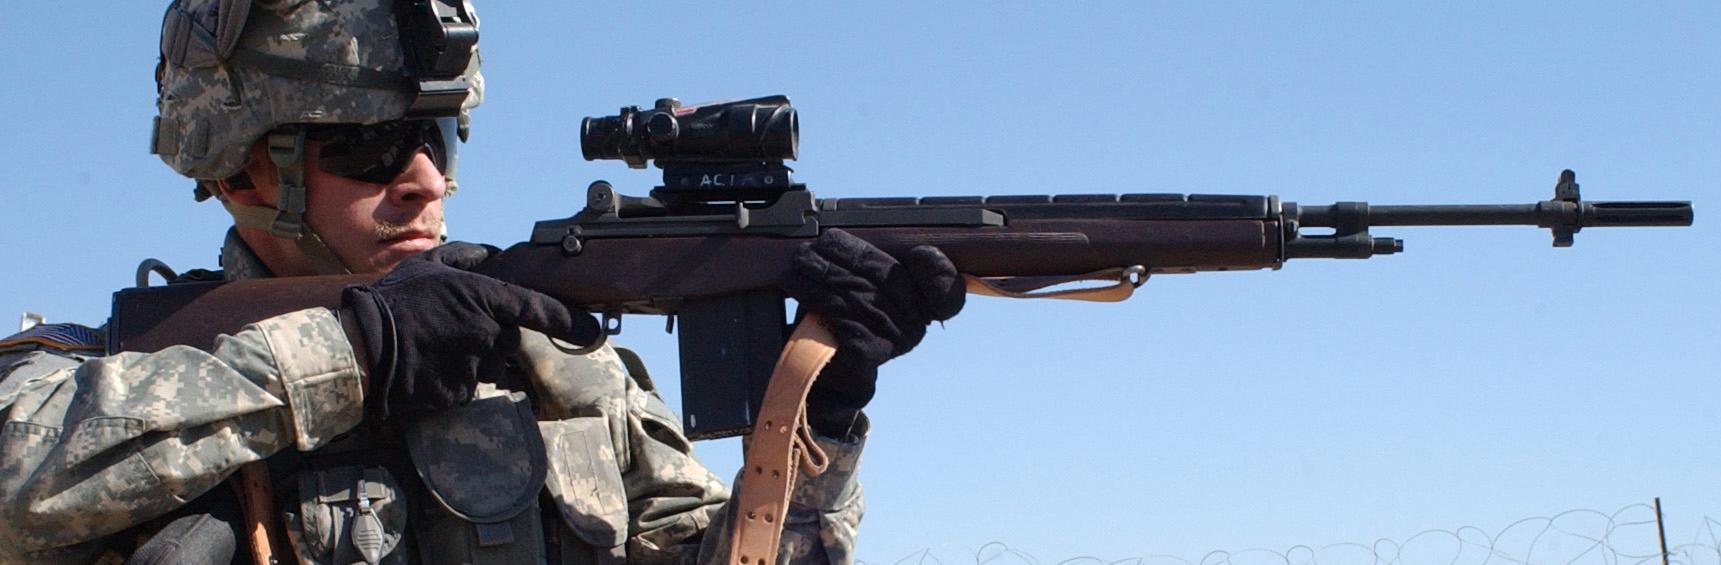 M-14_rifle_demonstration_cropped.jpeg